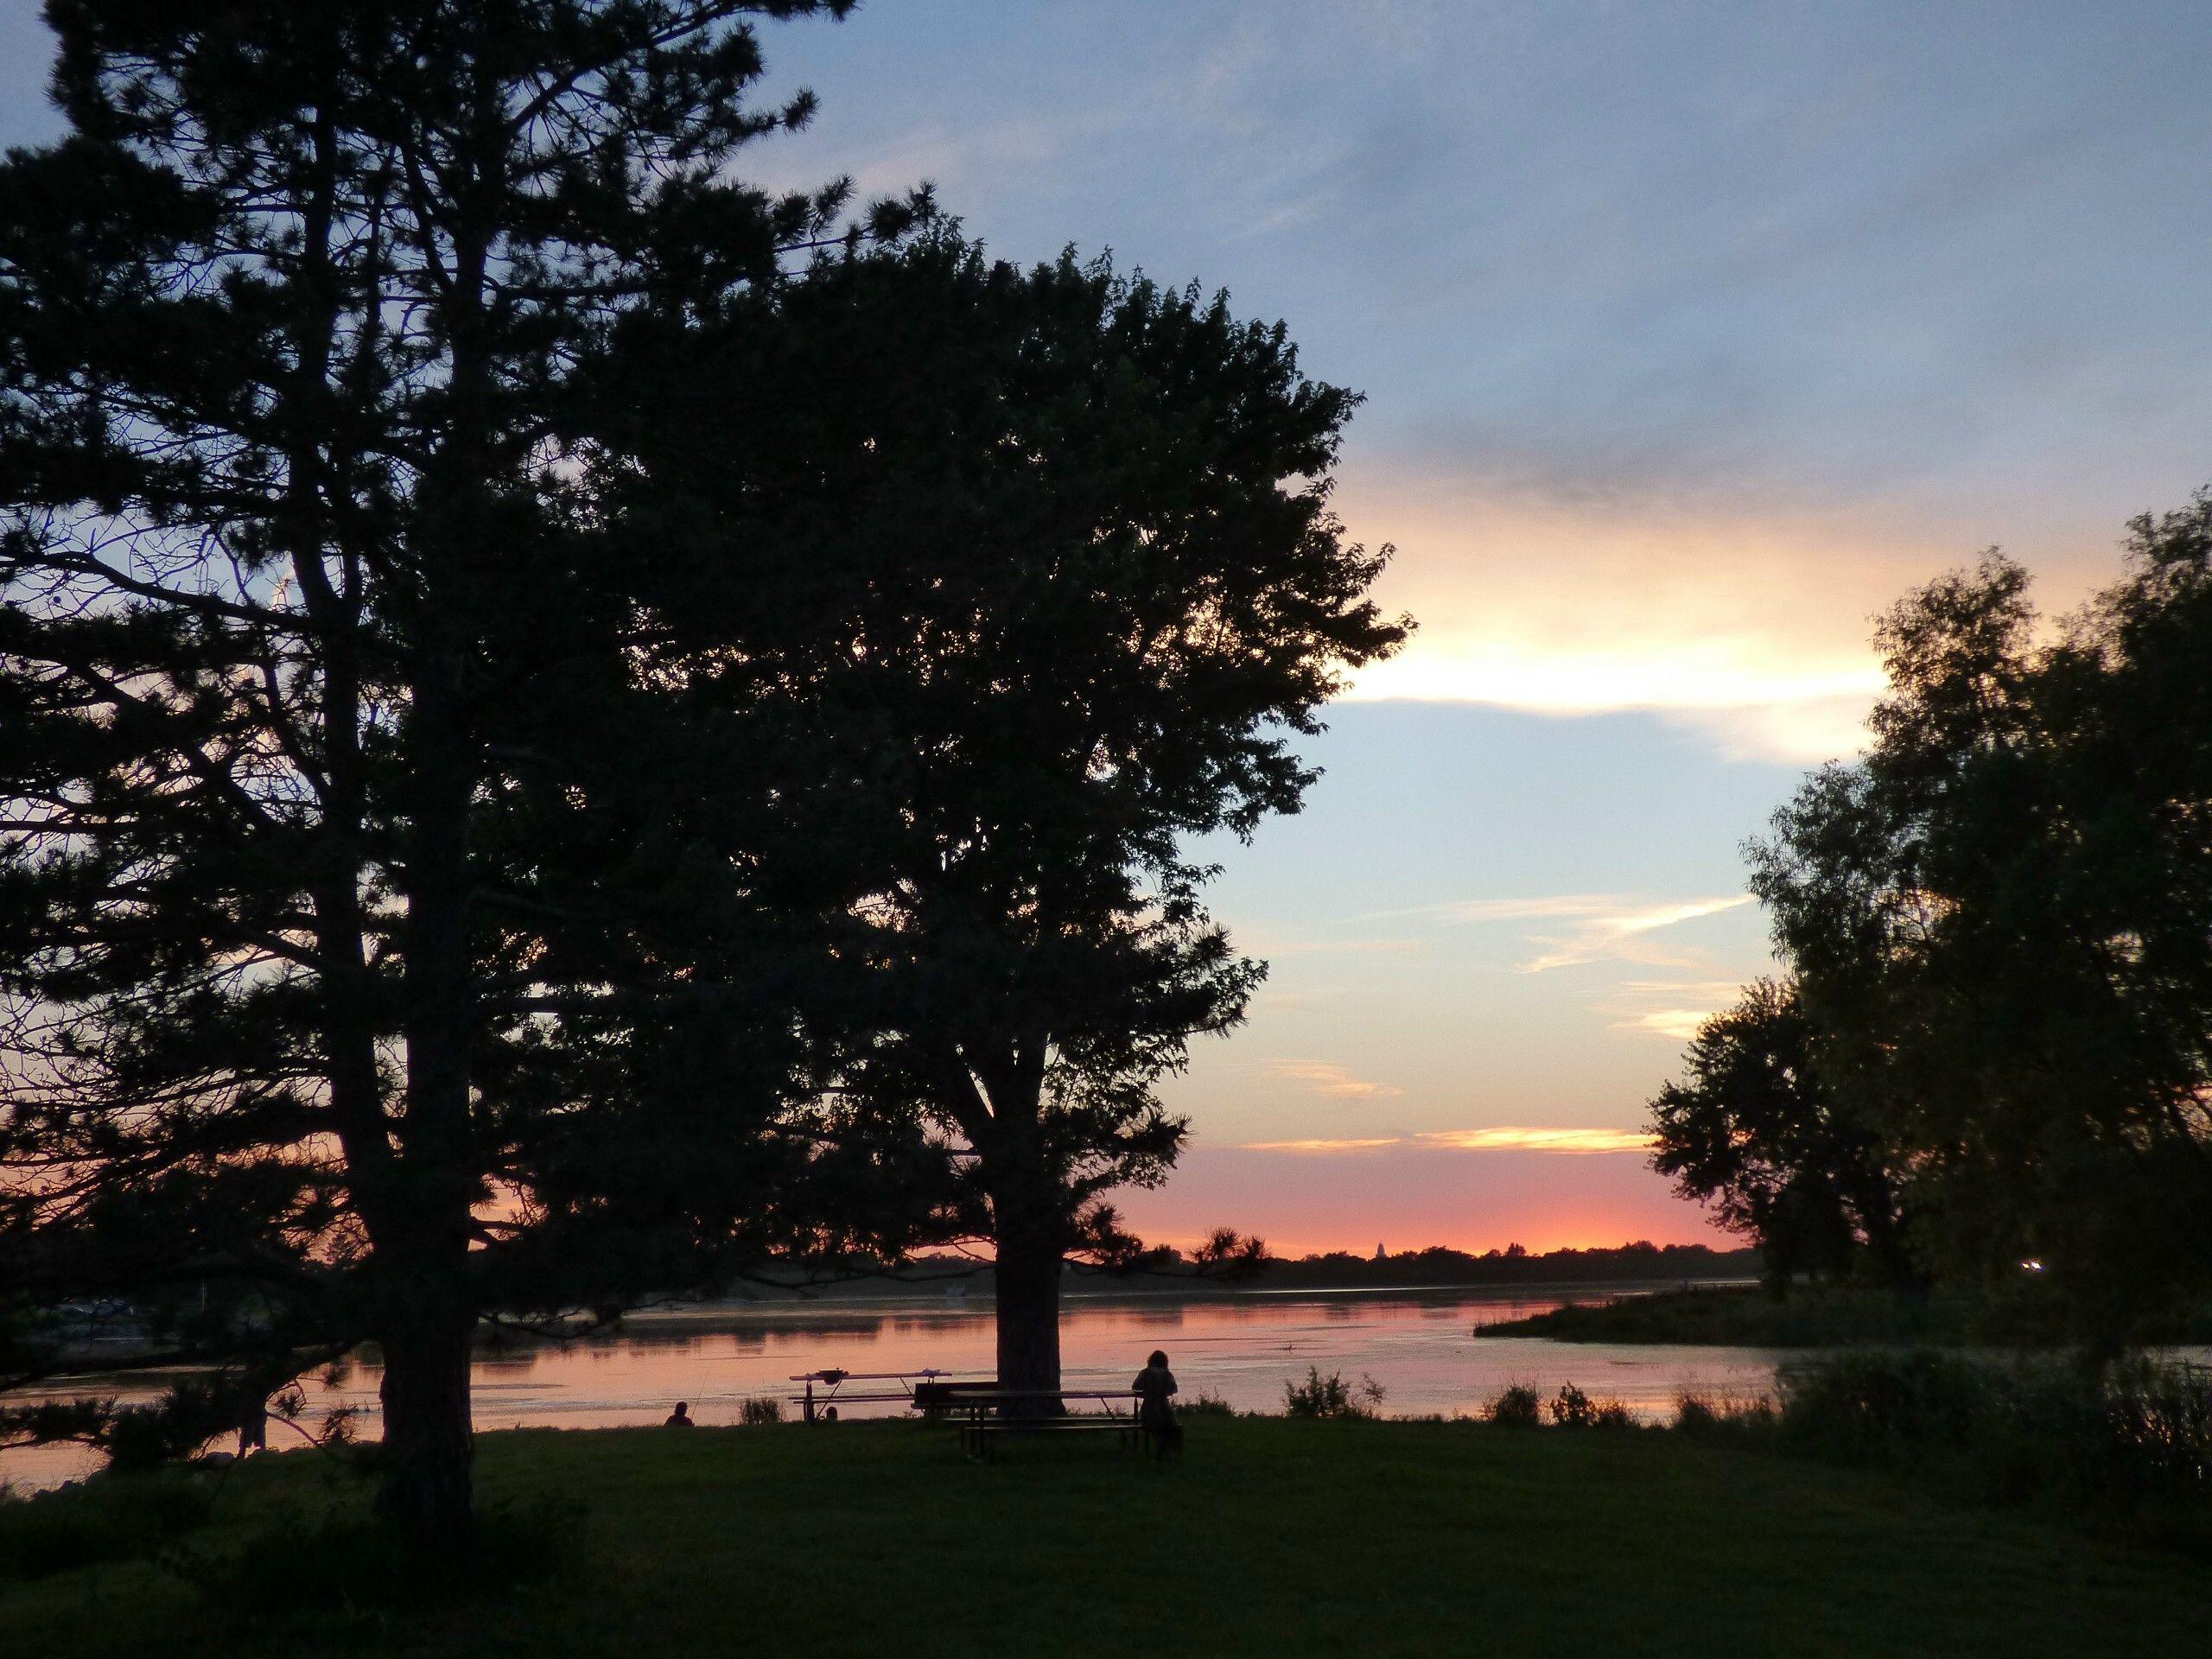 sunset on holmes lake, lincoln nebraska